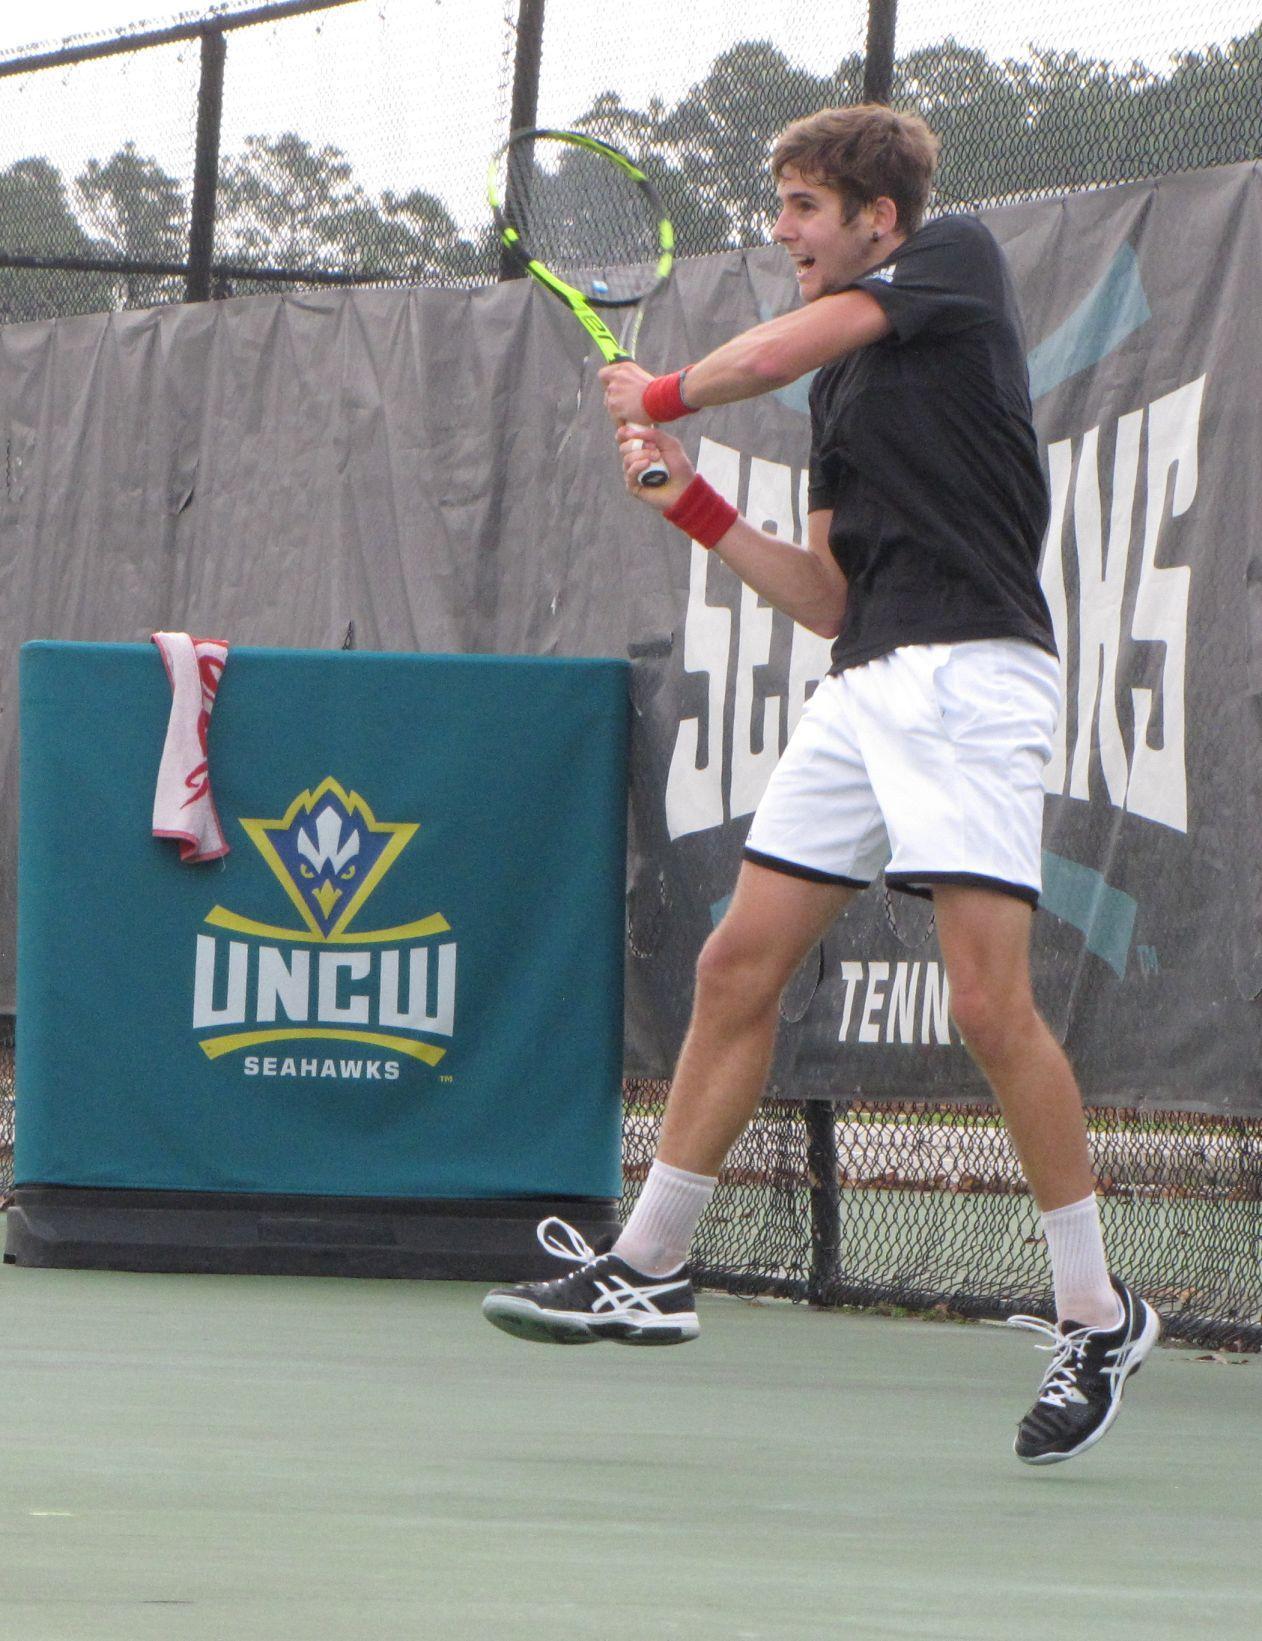 UNCW freshman Ignasi de Rueda has won 8 of 11 singles matches this spring.